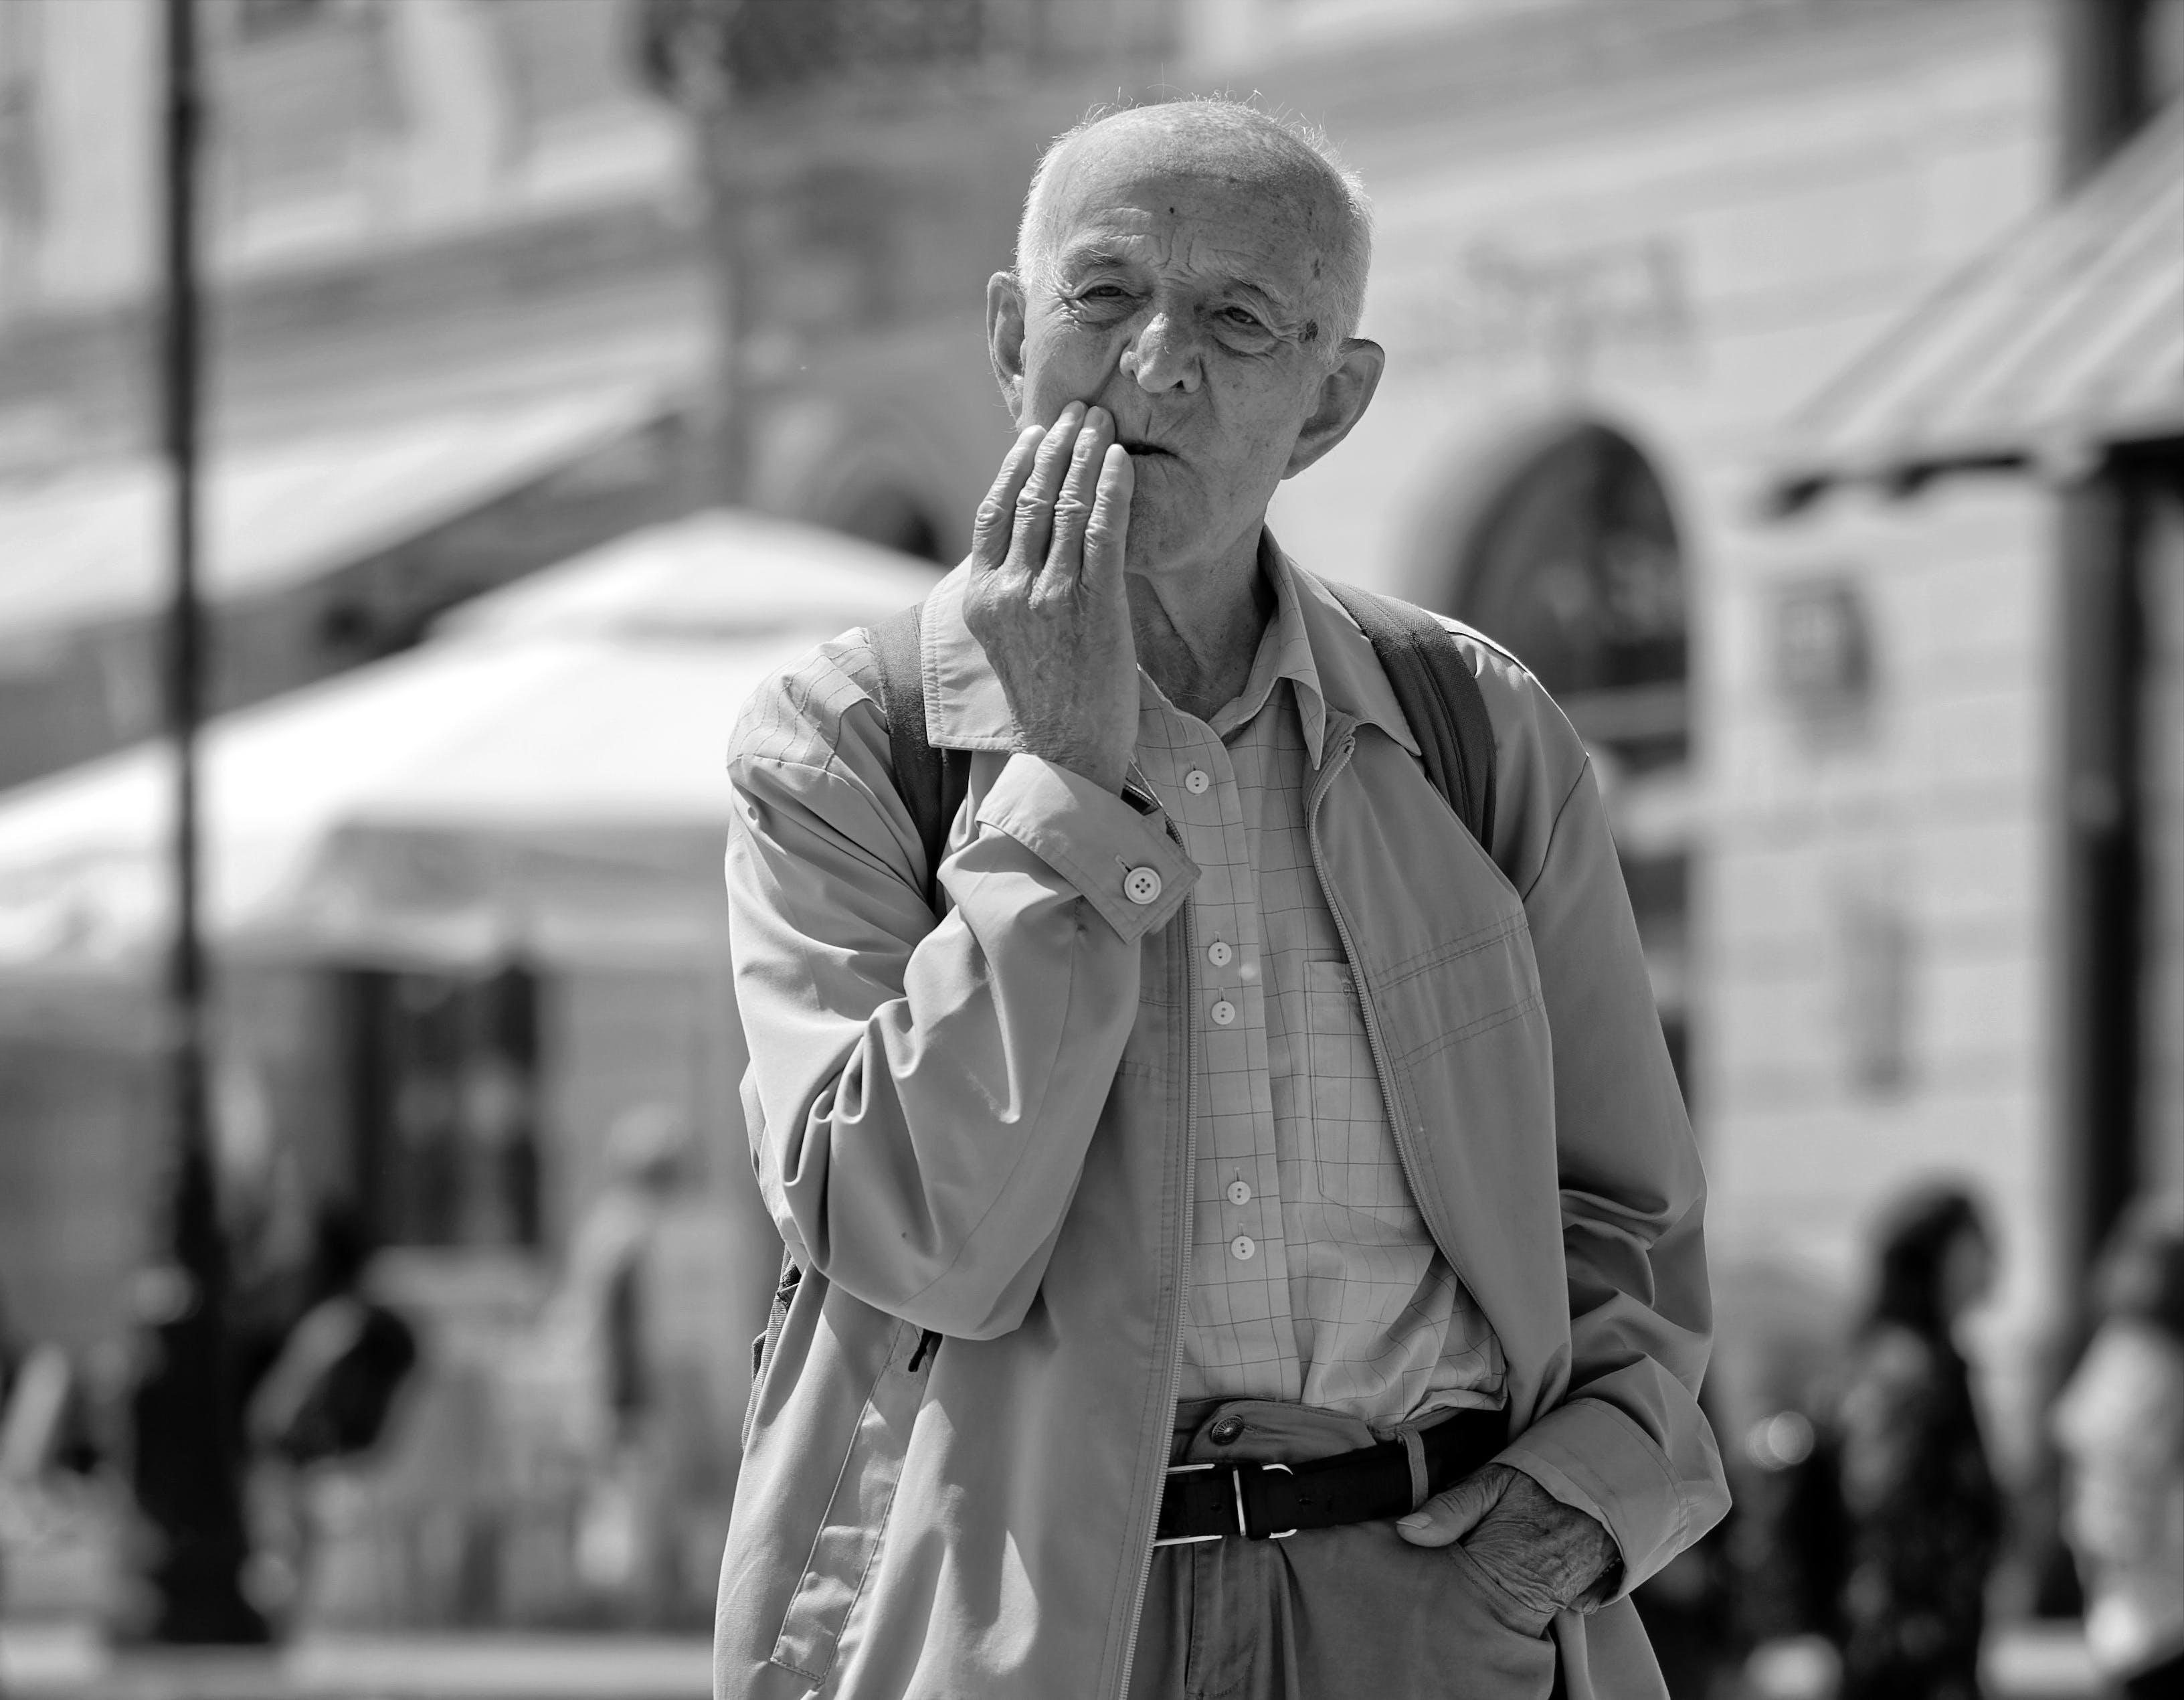 Kostnadsfri bild av äldre man, Förvirrad, gammal man, gatubild